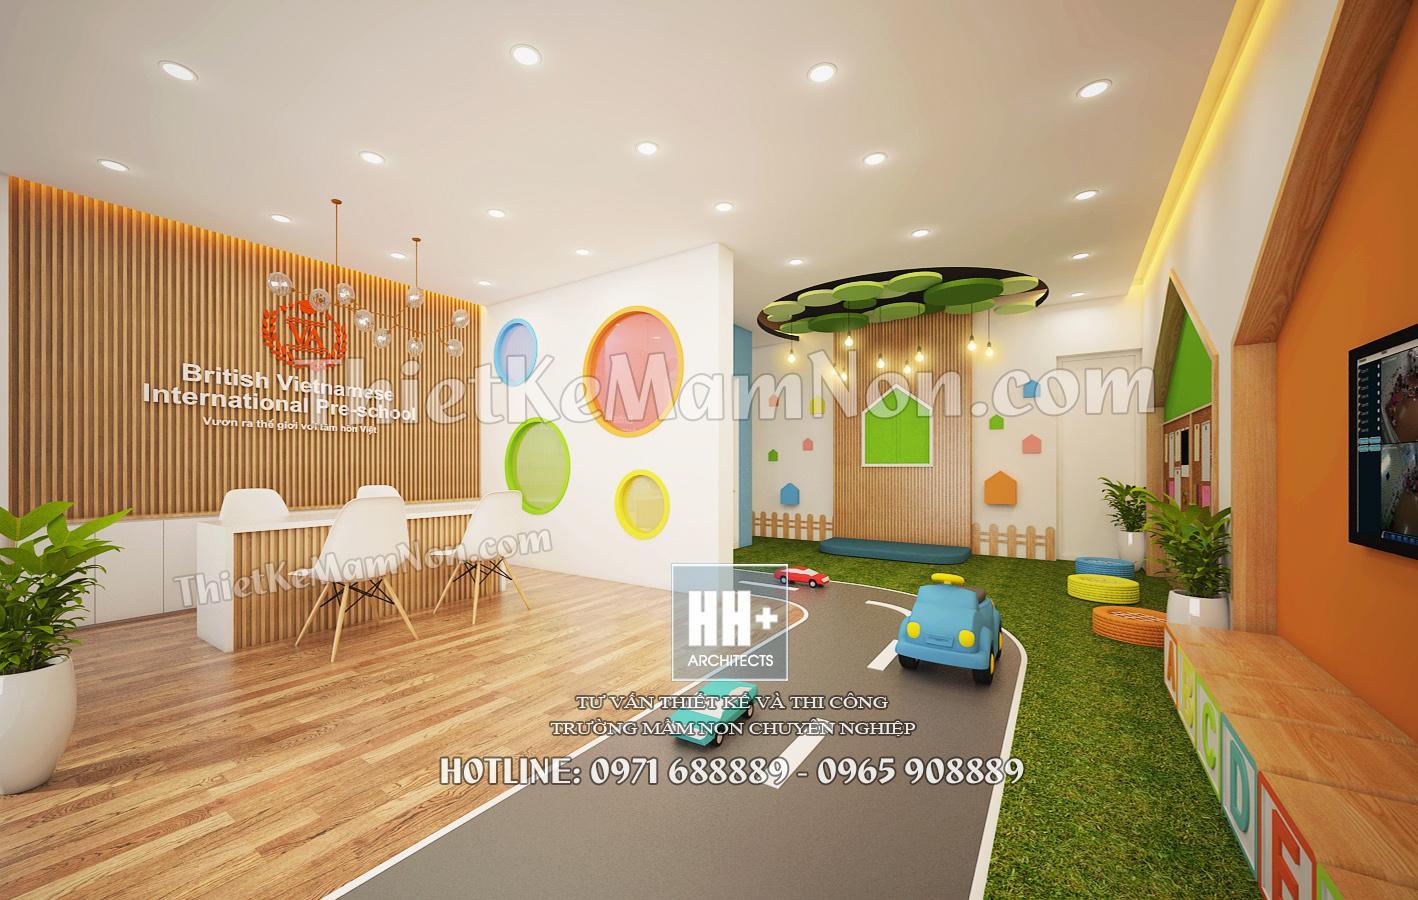 Seo hình ảnh hiệu quả thiết kế nội thất mầm non Thiết kế nội thất mầm non quốc tế Việt Anh 02